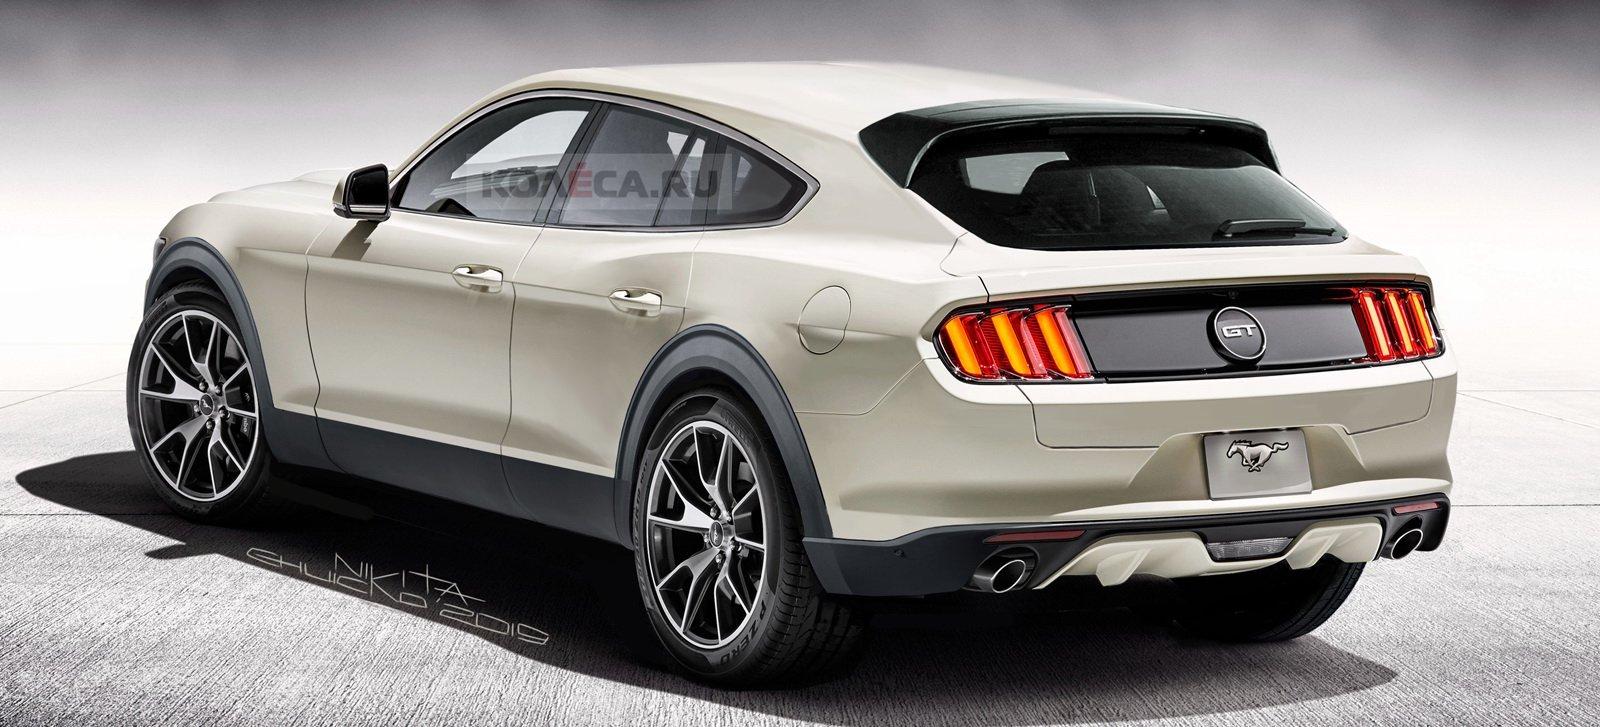 Fan ô tô sắp diện kiến mẫu crossover điện có thiết kế giống Ford Mustang a3